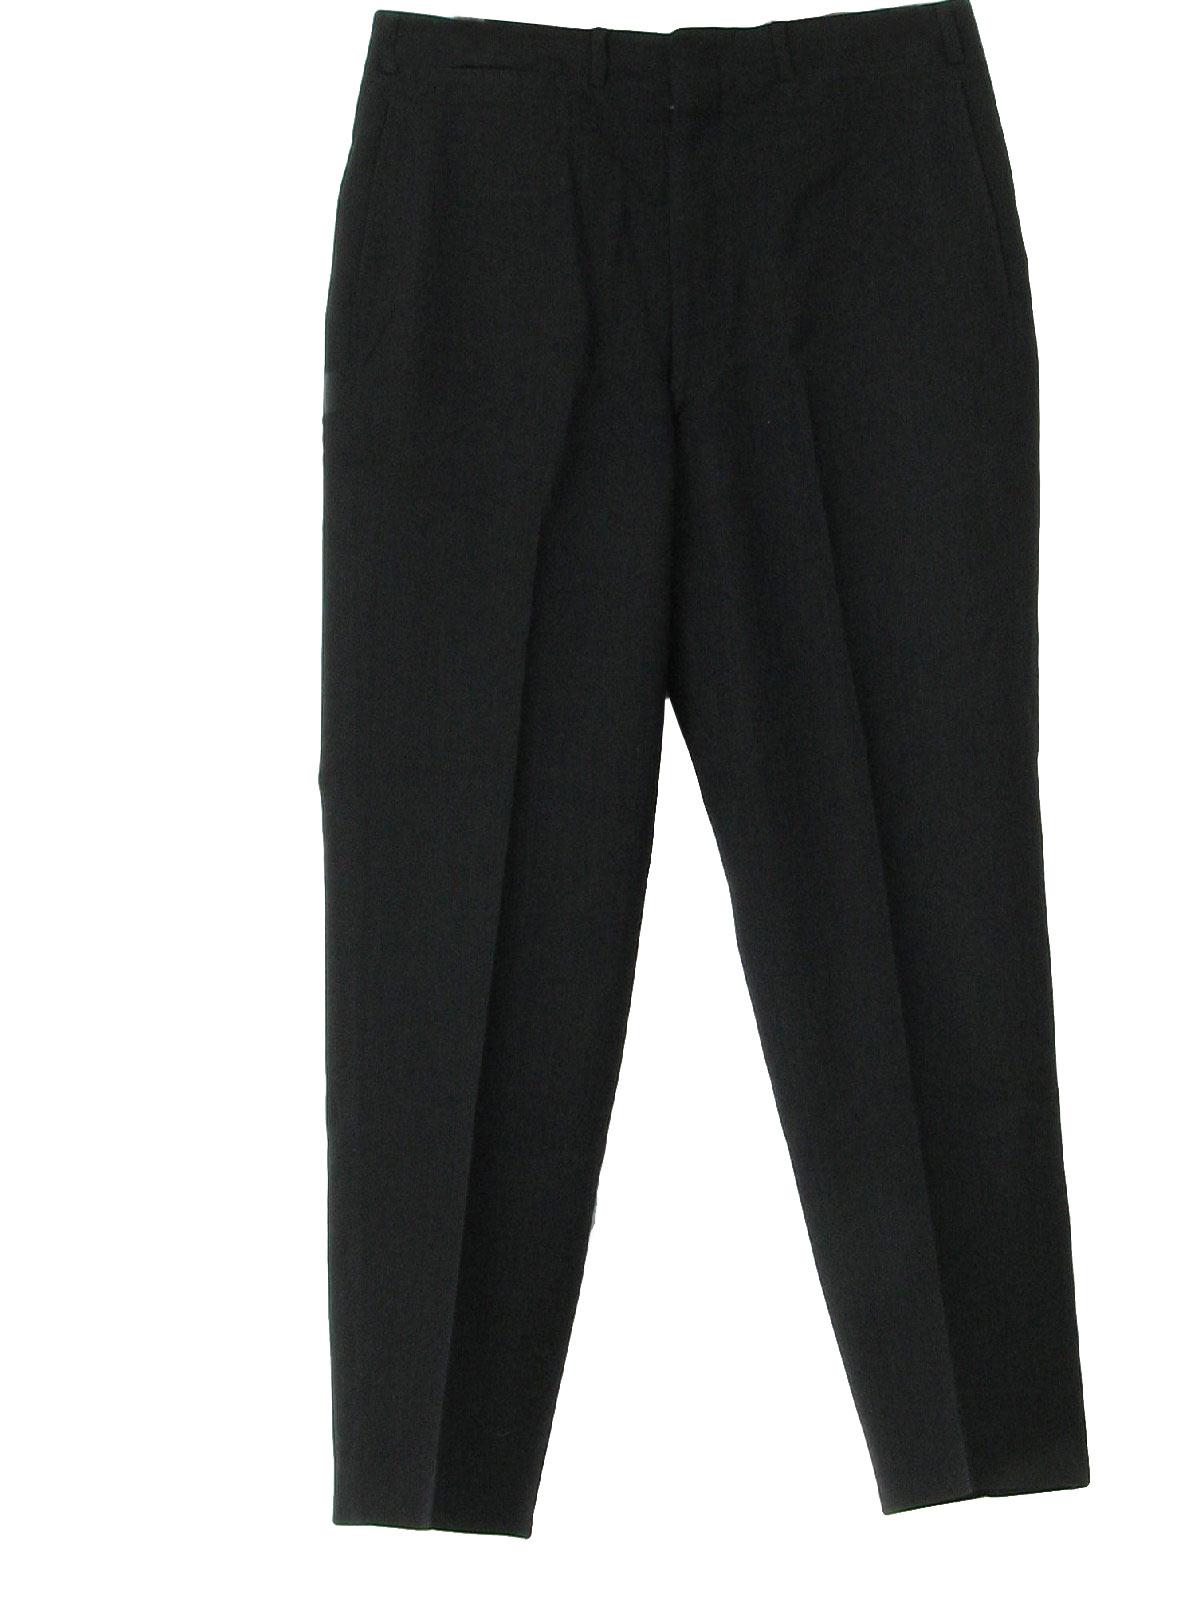 black trouser pants - Pi Pants